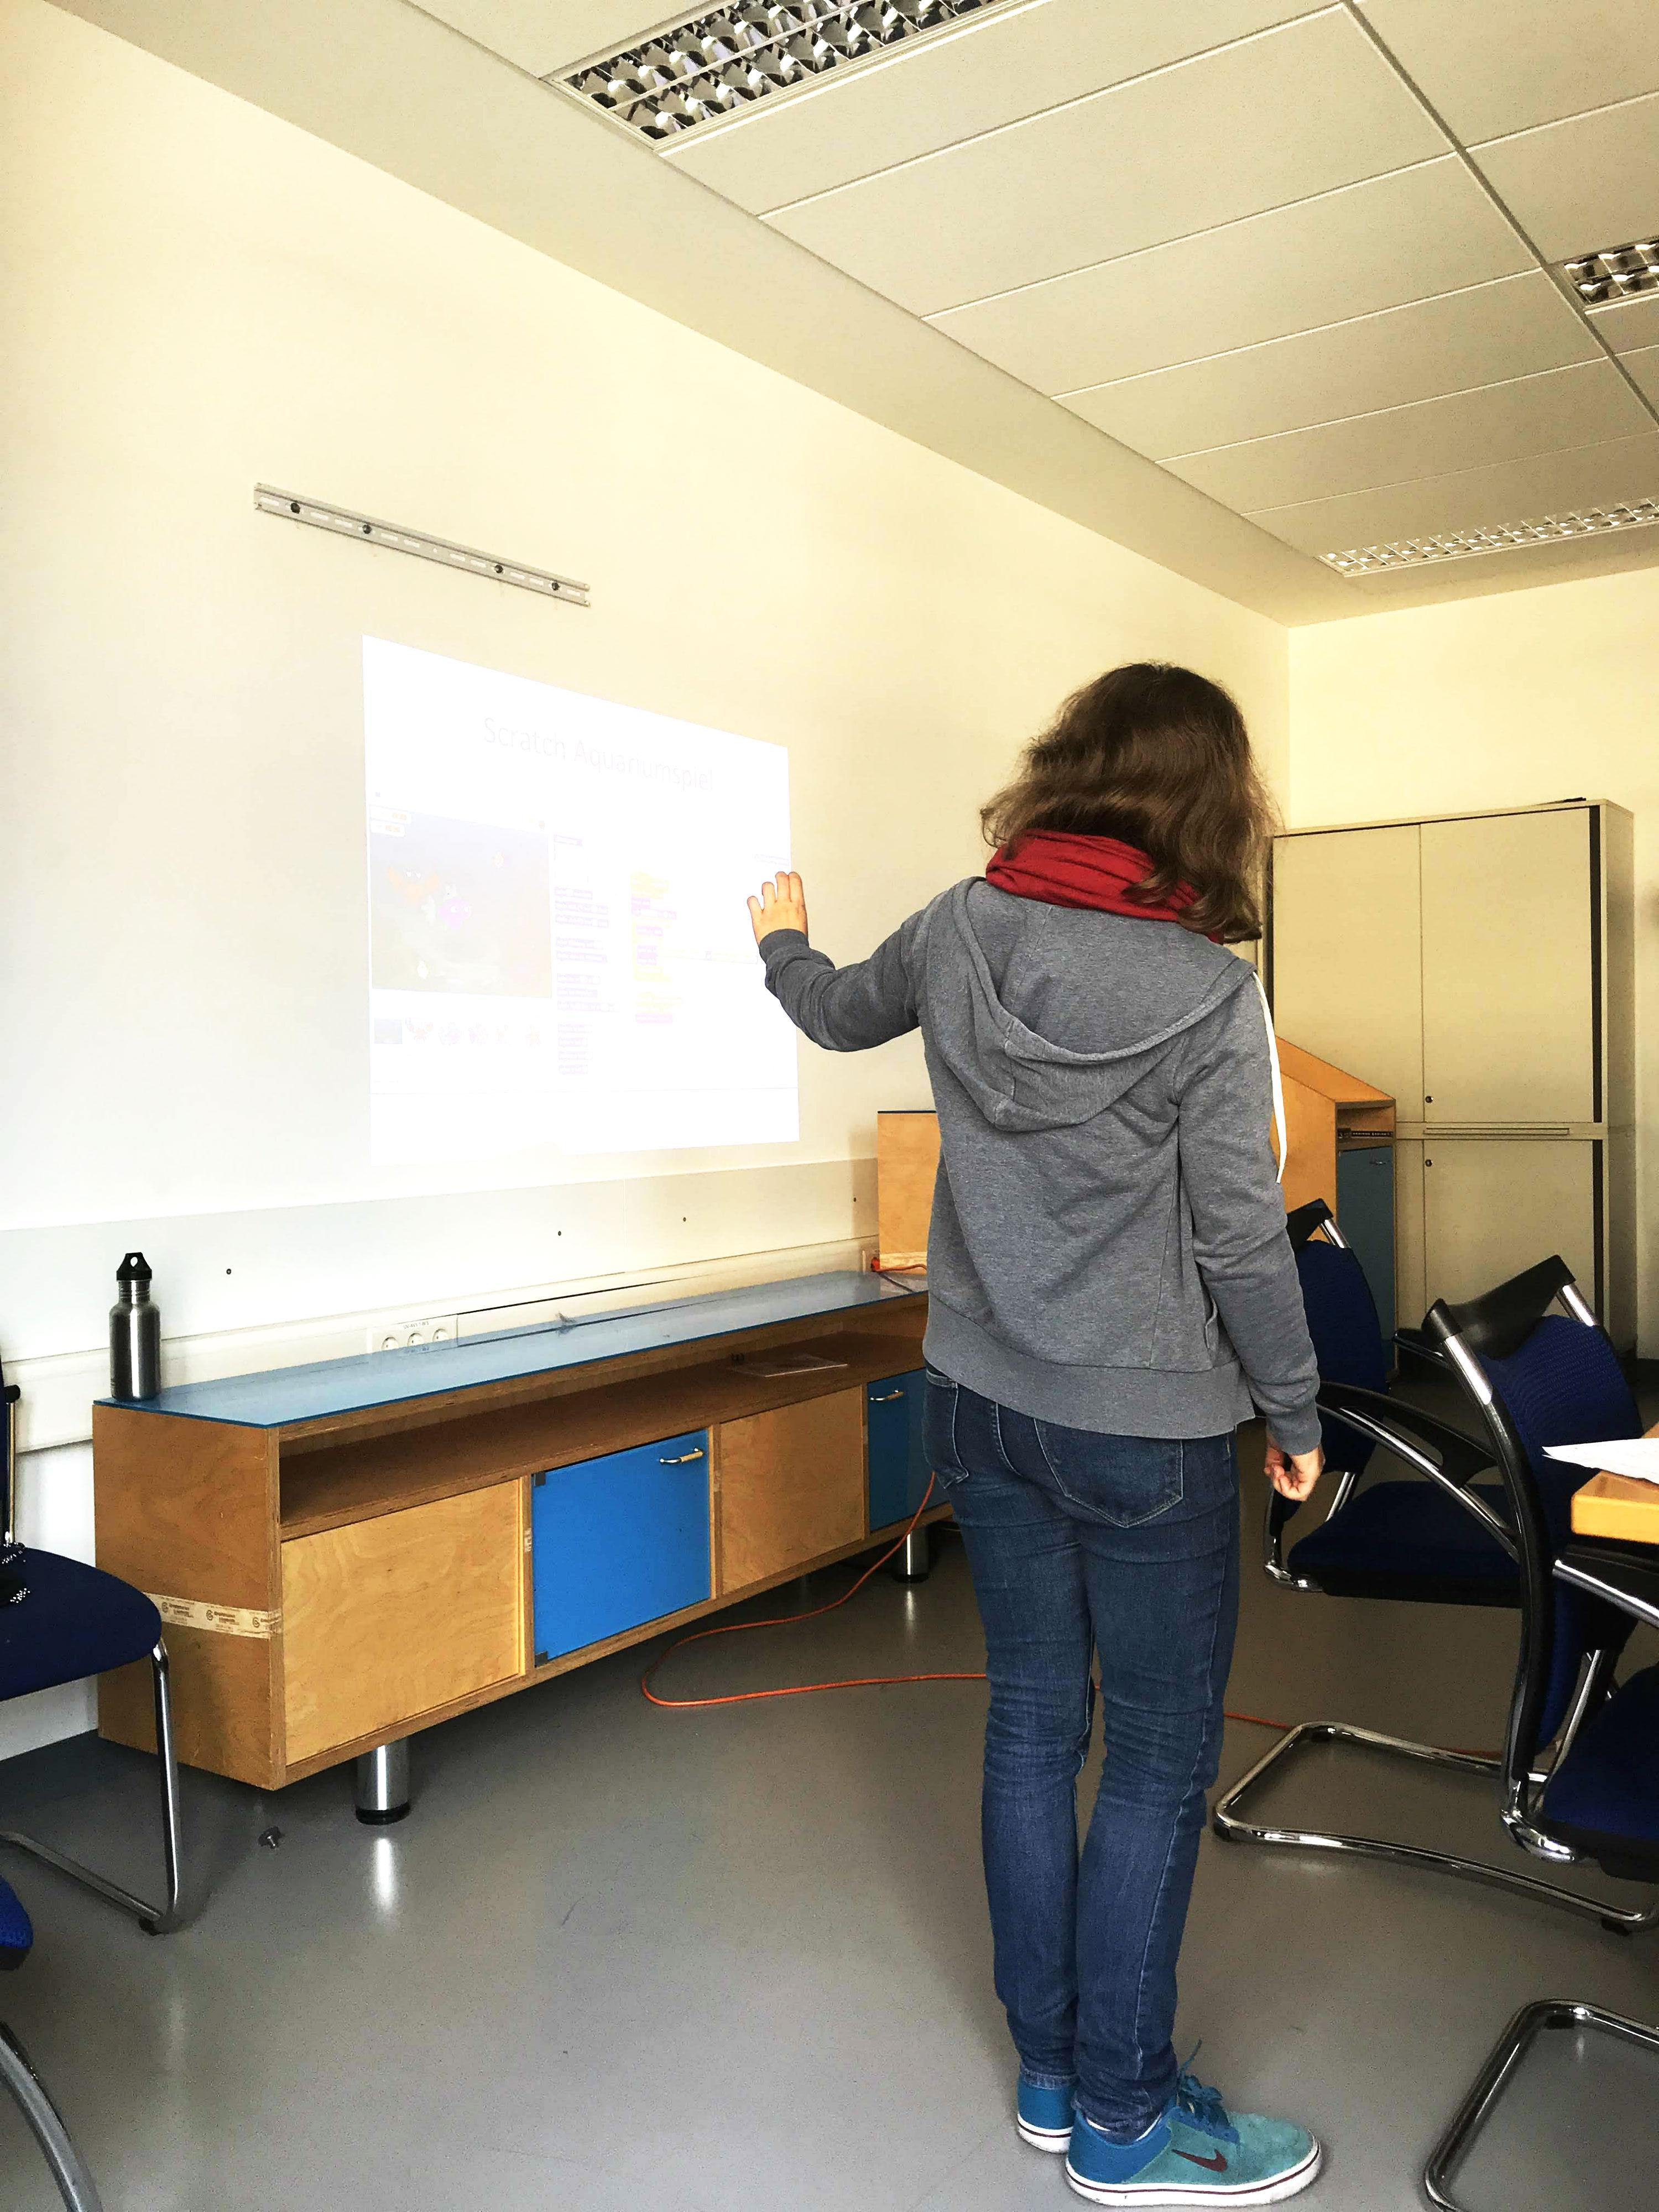 Blenden Learning Lehramt Schule